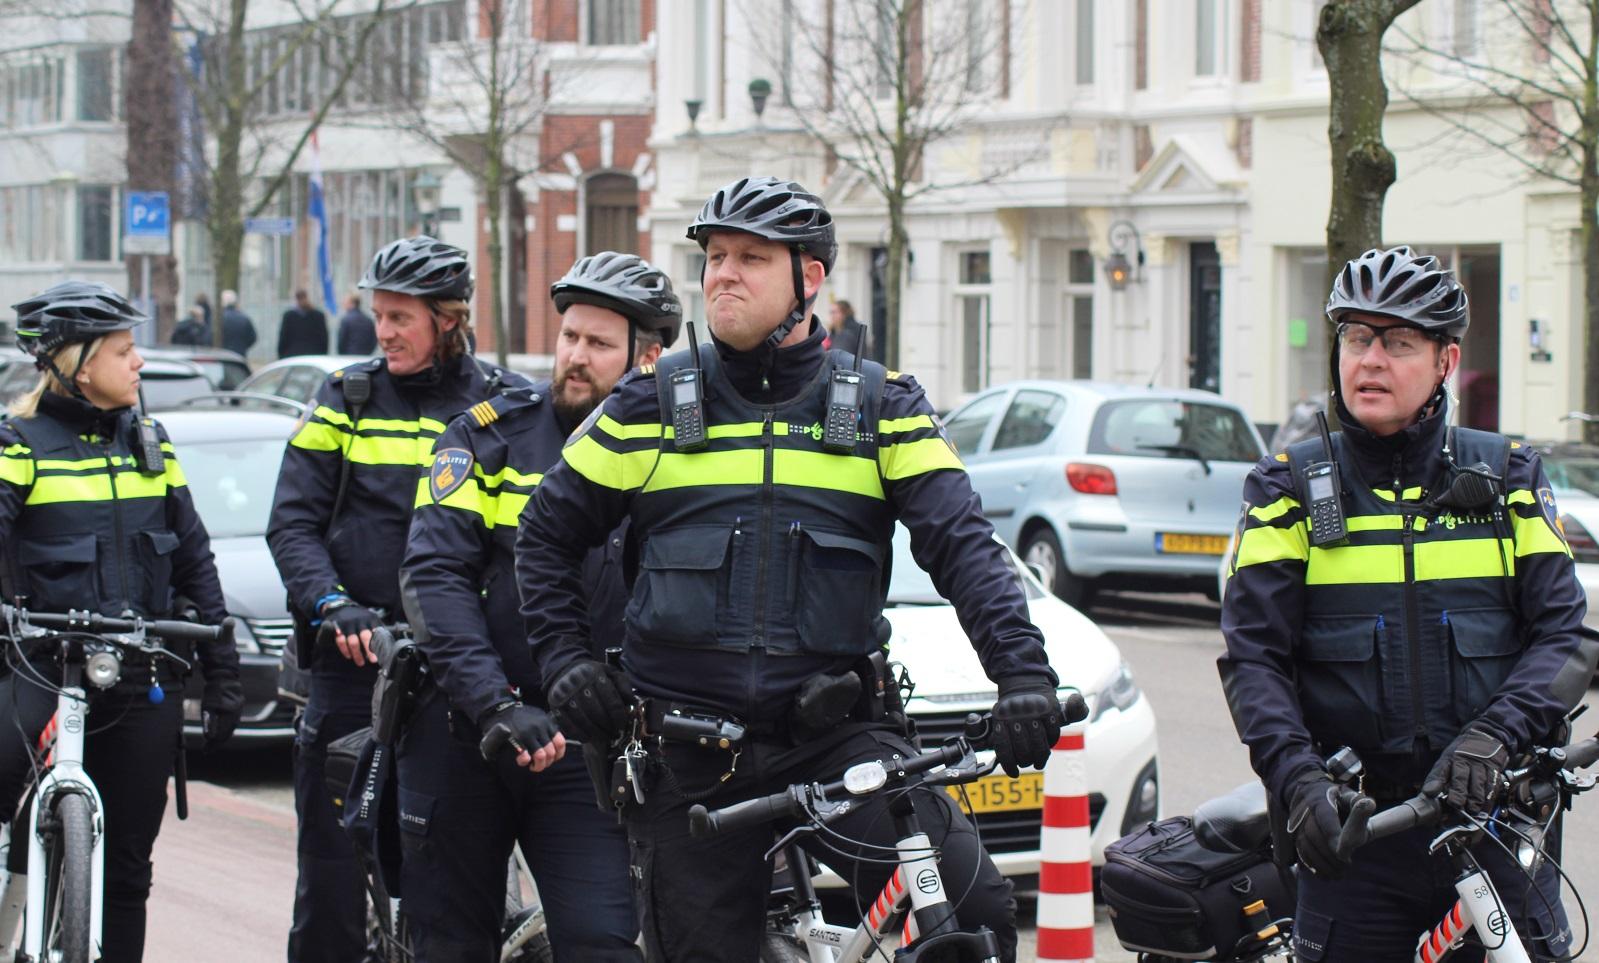 Agenten op fiets